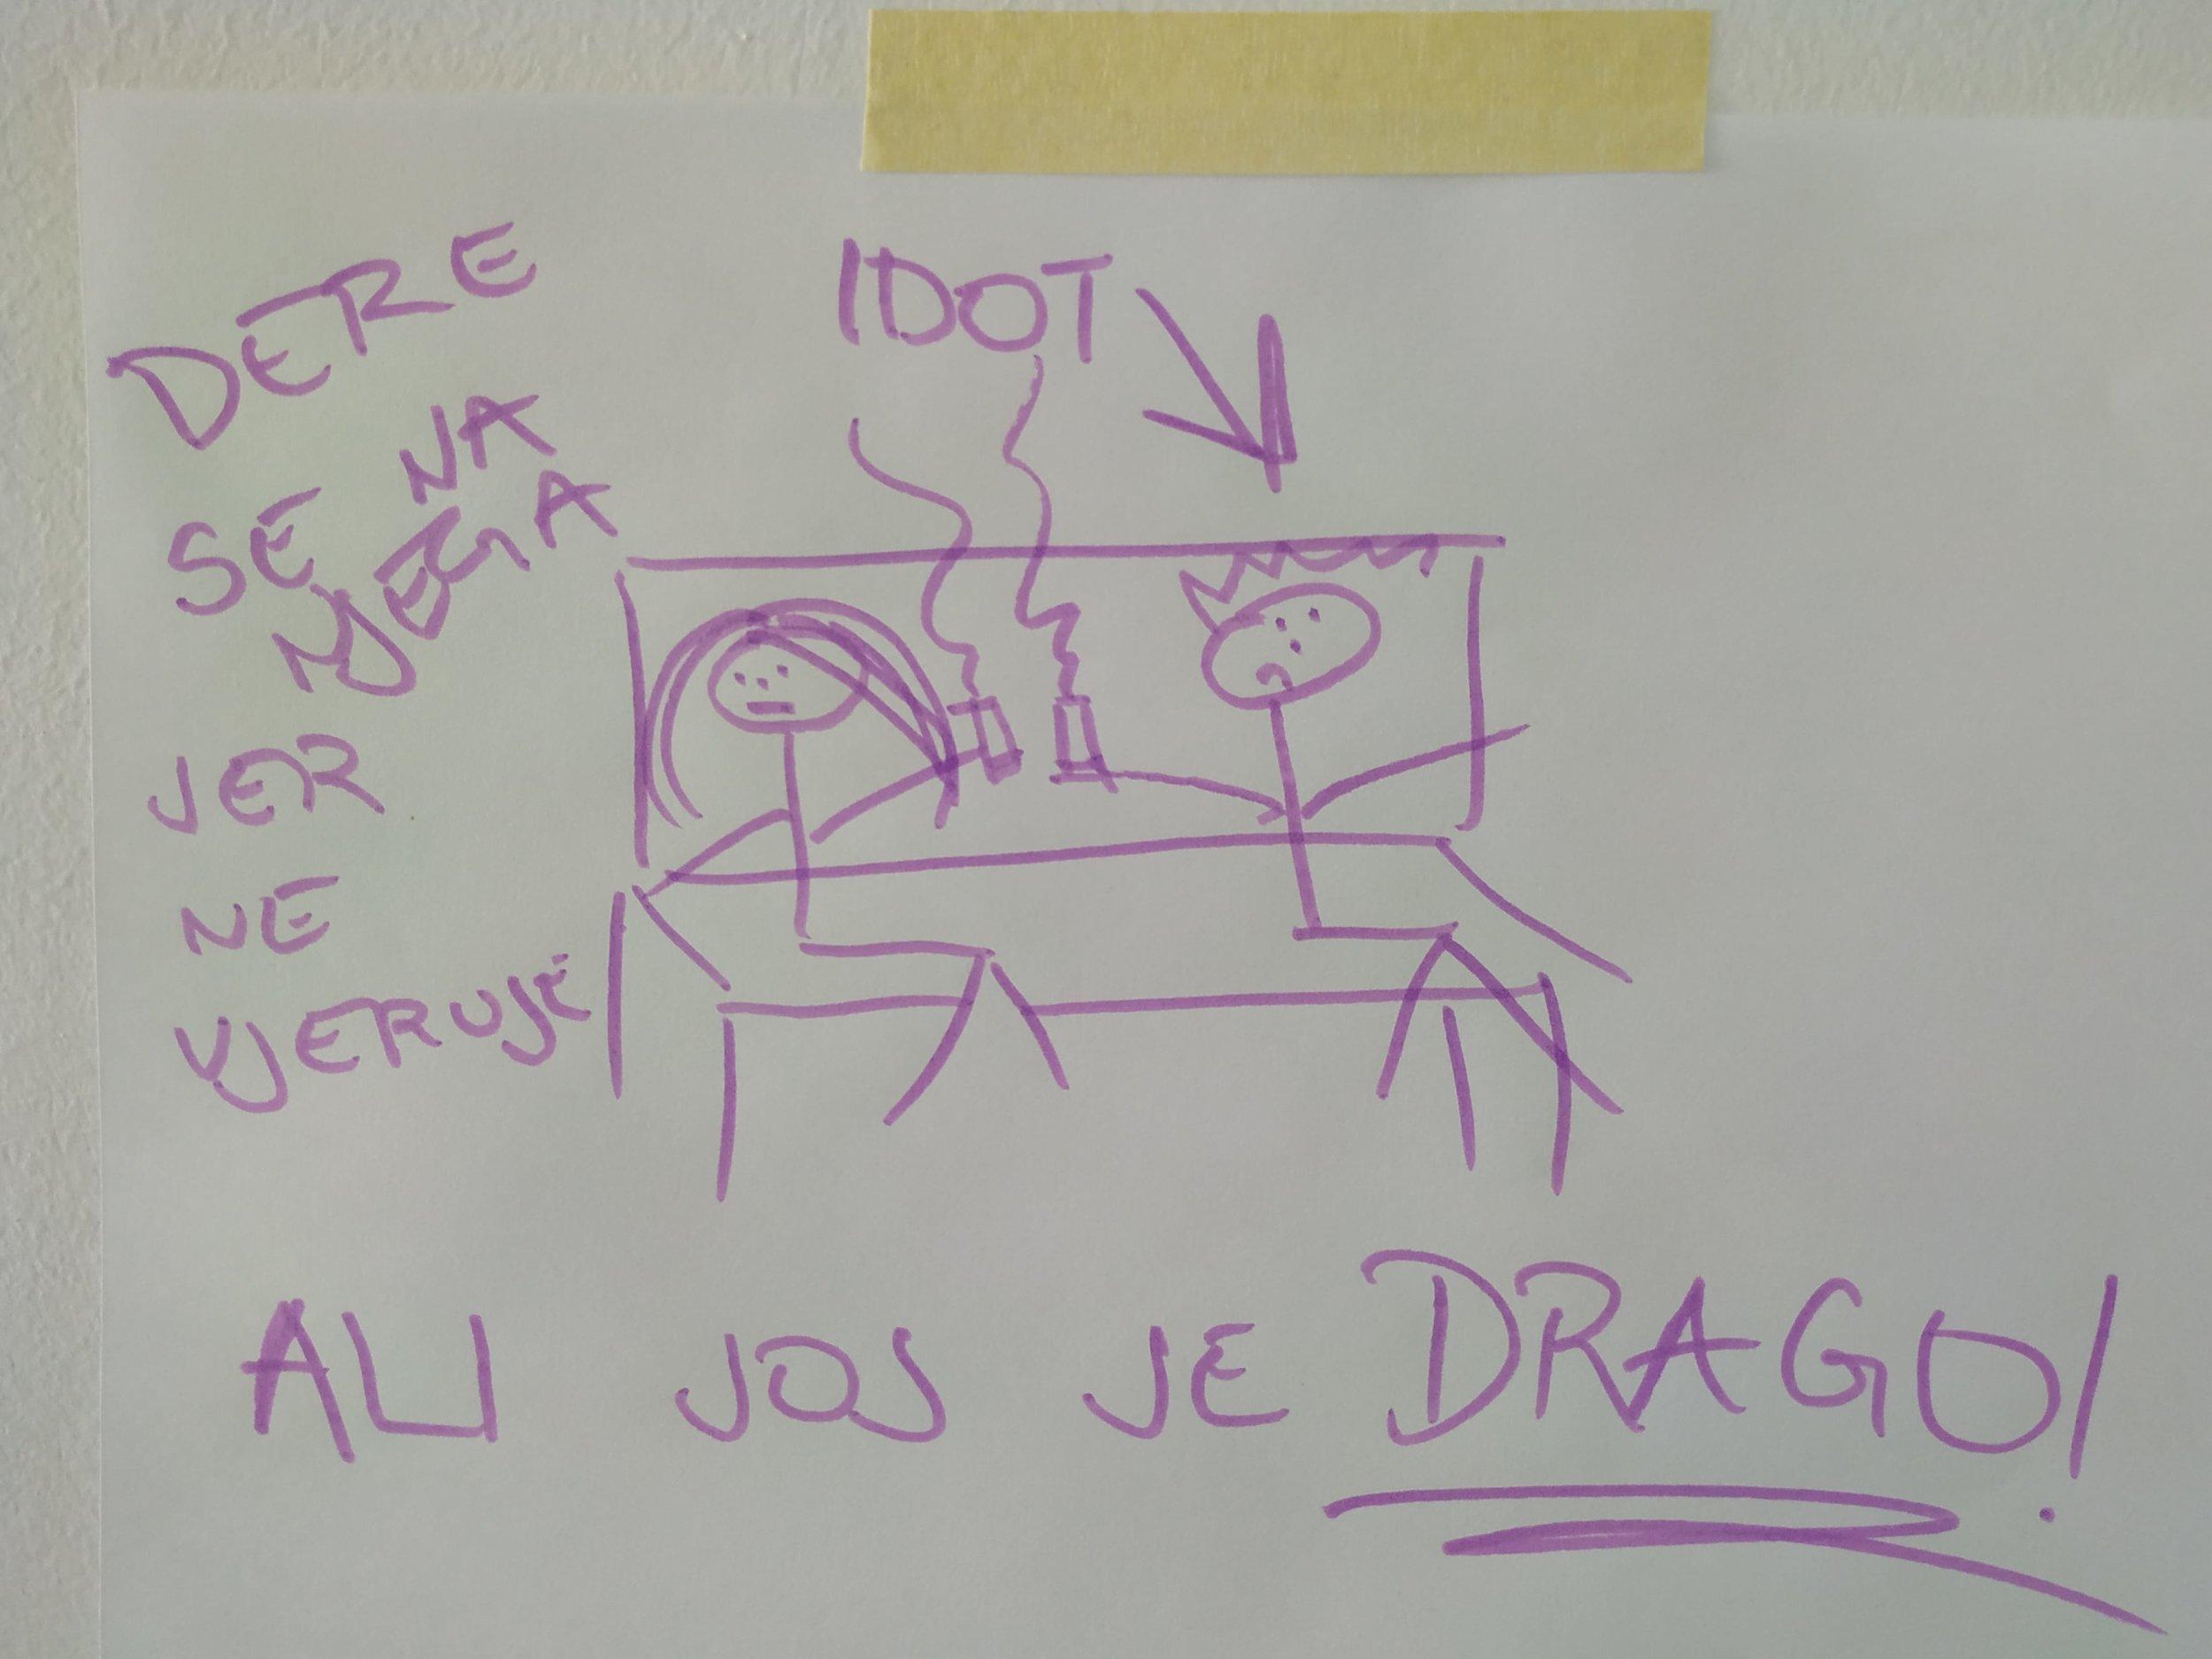 Stroyboard scenarija Take a risk Ariane Salkovic 5.jpg